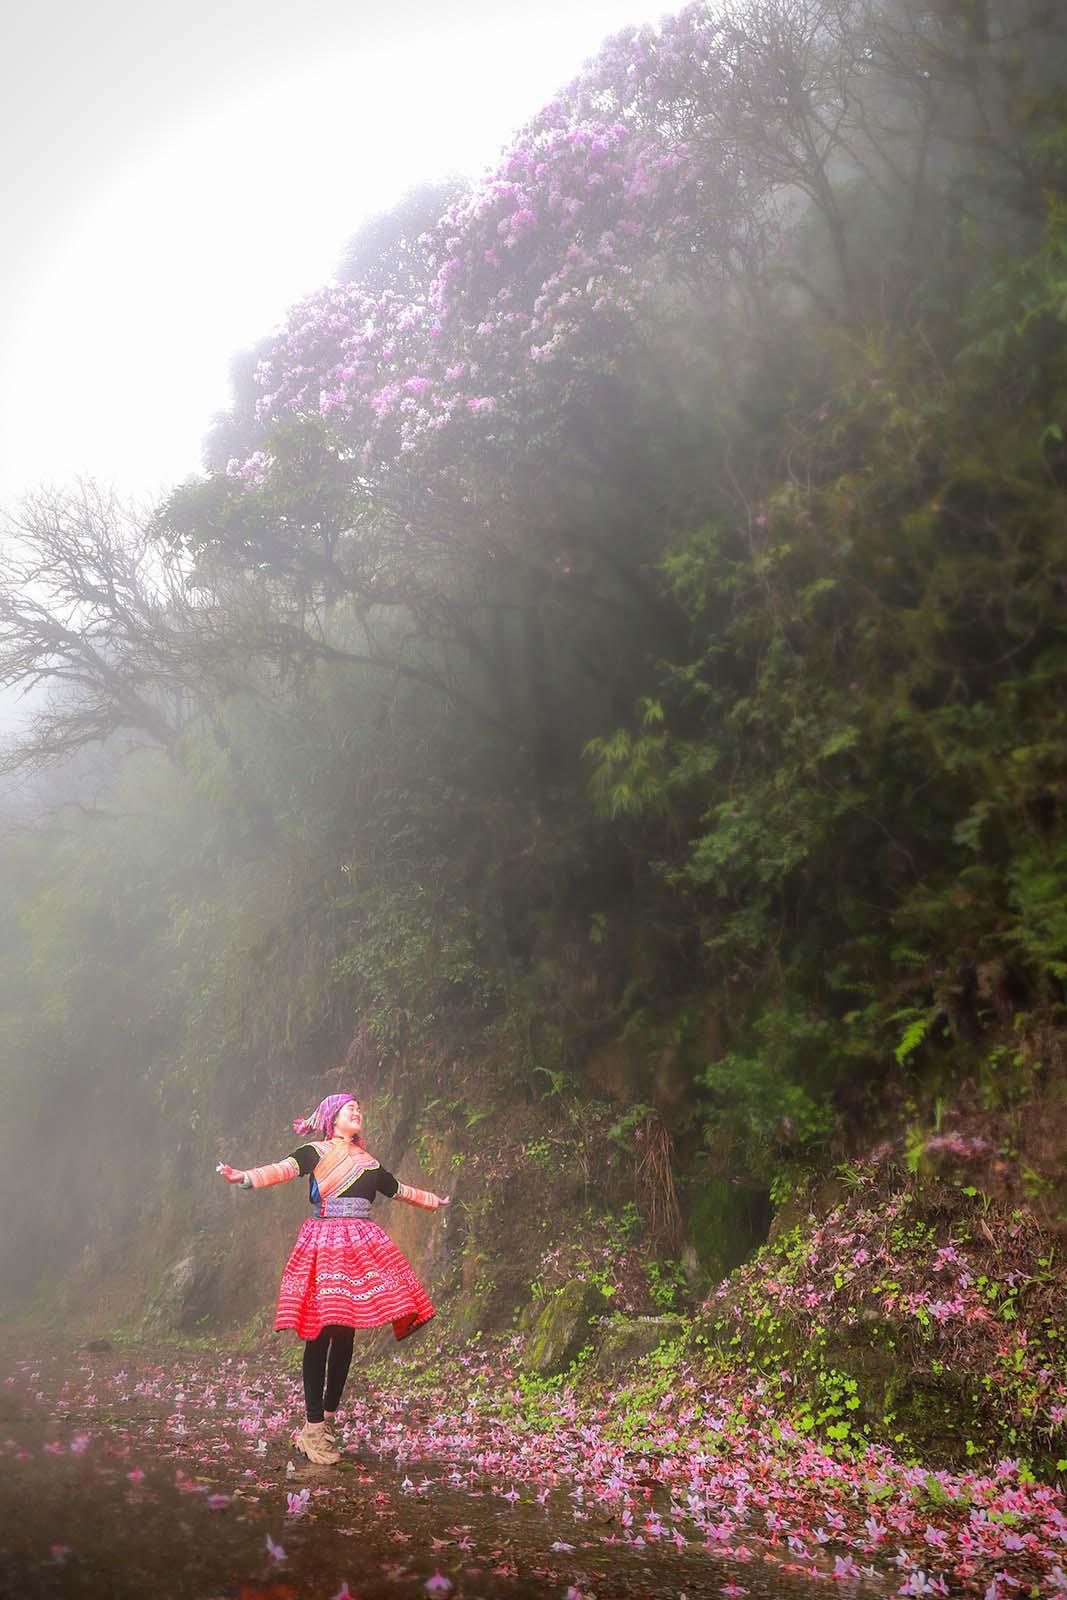 Cao Bằng: Mê mẩn sắc hoa Đỗ quyên cổ thụ rực rỡ trên đỉnh Phia Oắc - Ảnh 5.